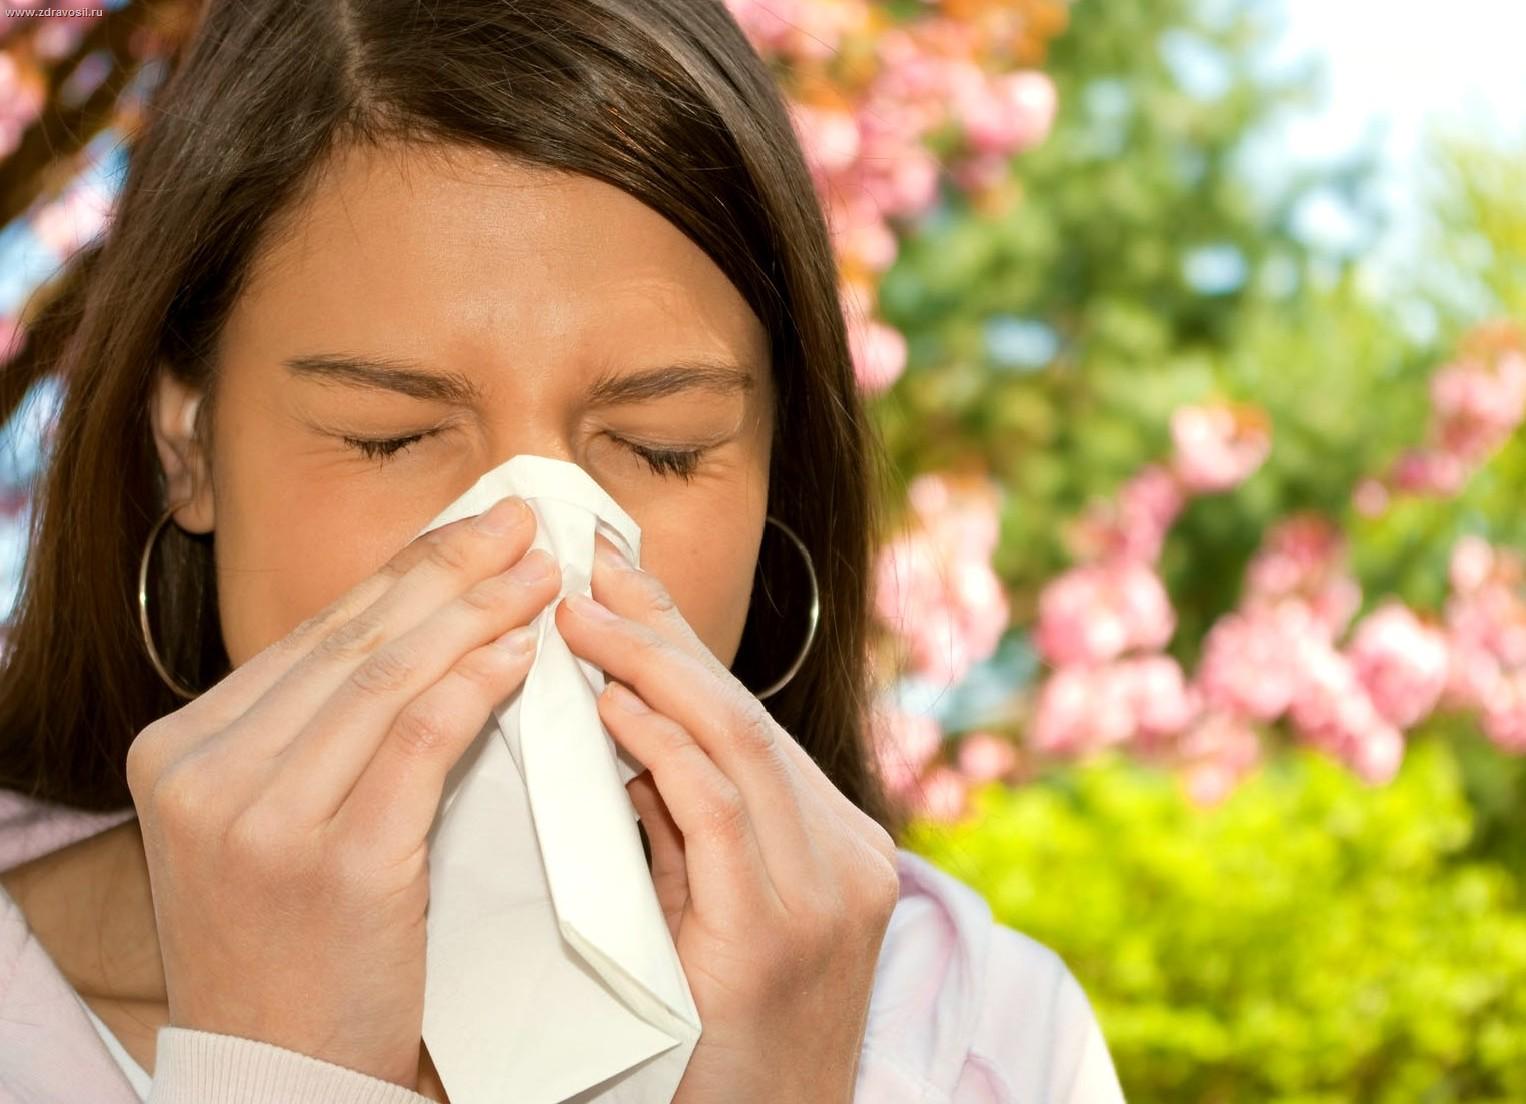 Некоторые аллергические реакции и неотложная помощь при них